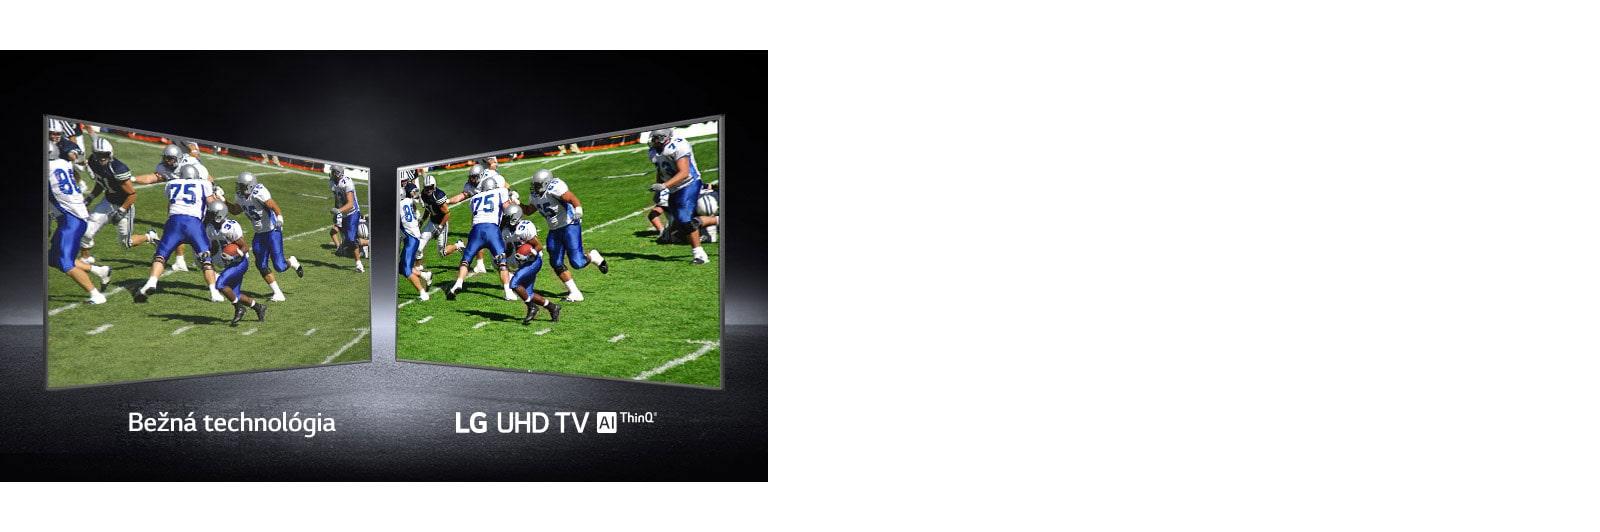 Záber na hráčov amerického futbalu na ihrisku na dvoch obrazovkách. Jeden záber je zobrazený na bežnej obrazovke a druhý na obrazovke televízora LG UHD TV.